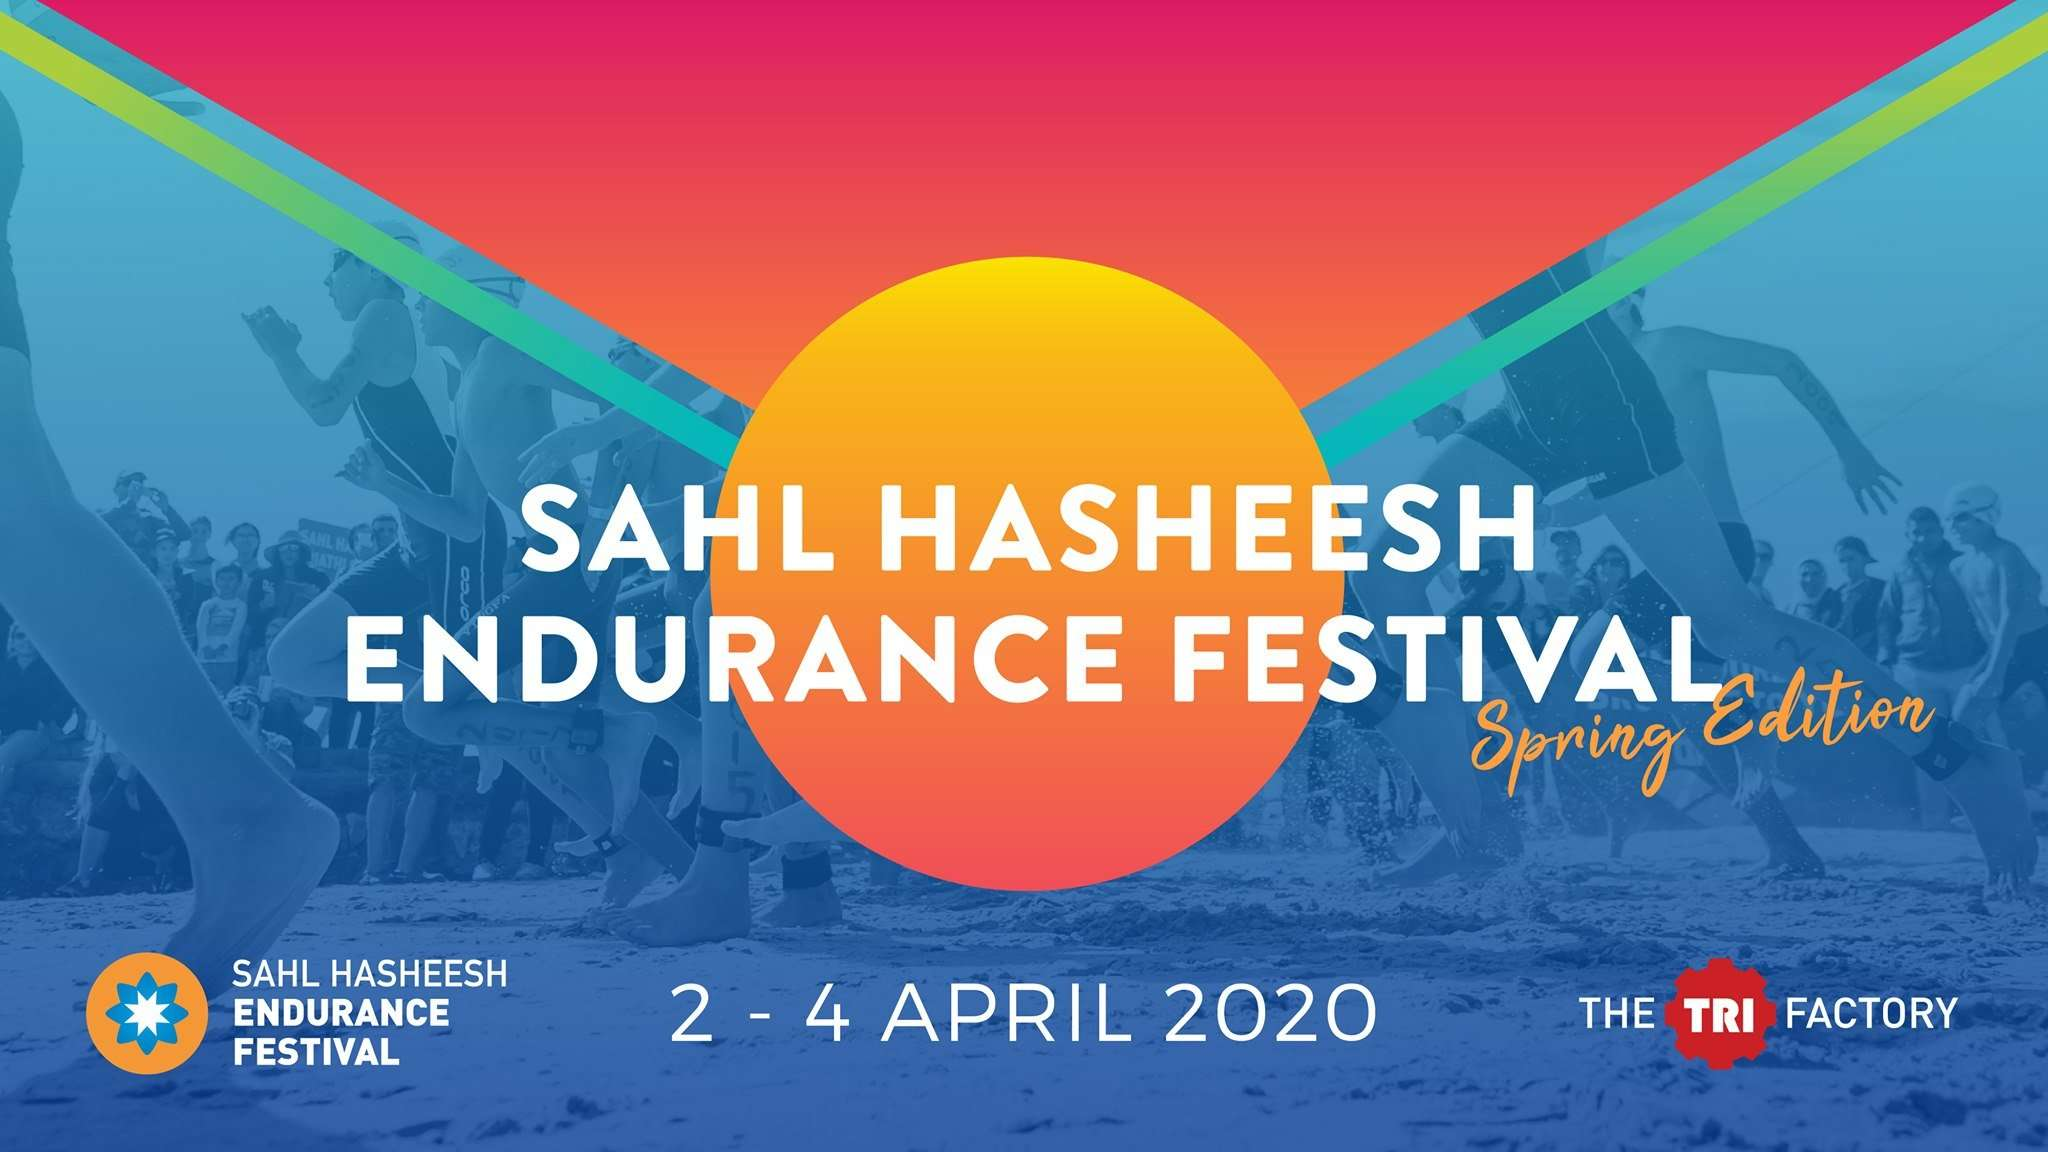 Sahl Hashish Endurance Festival